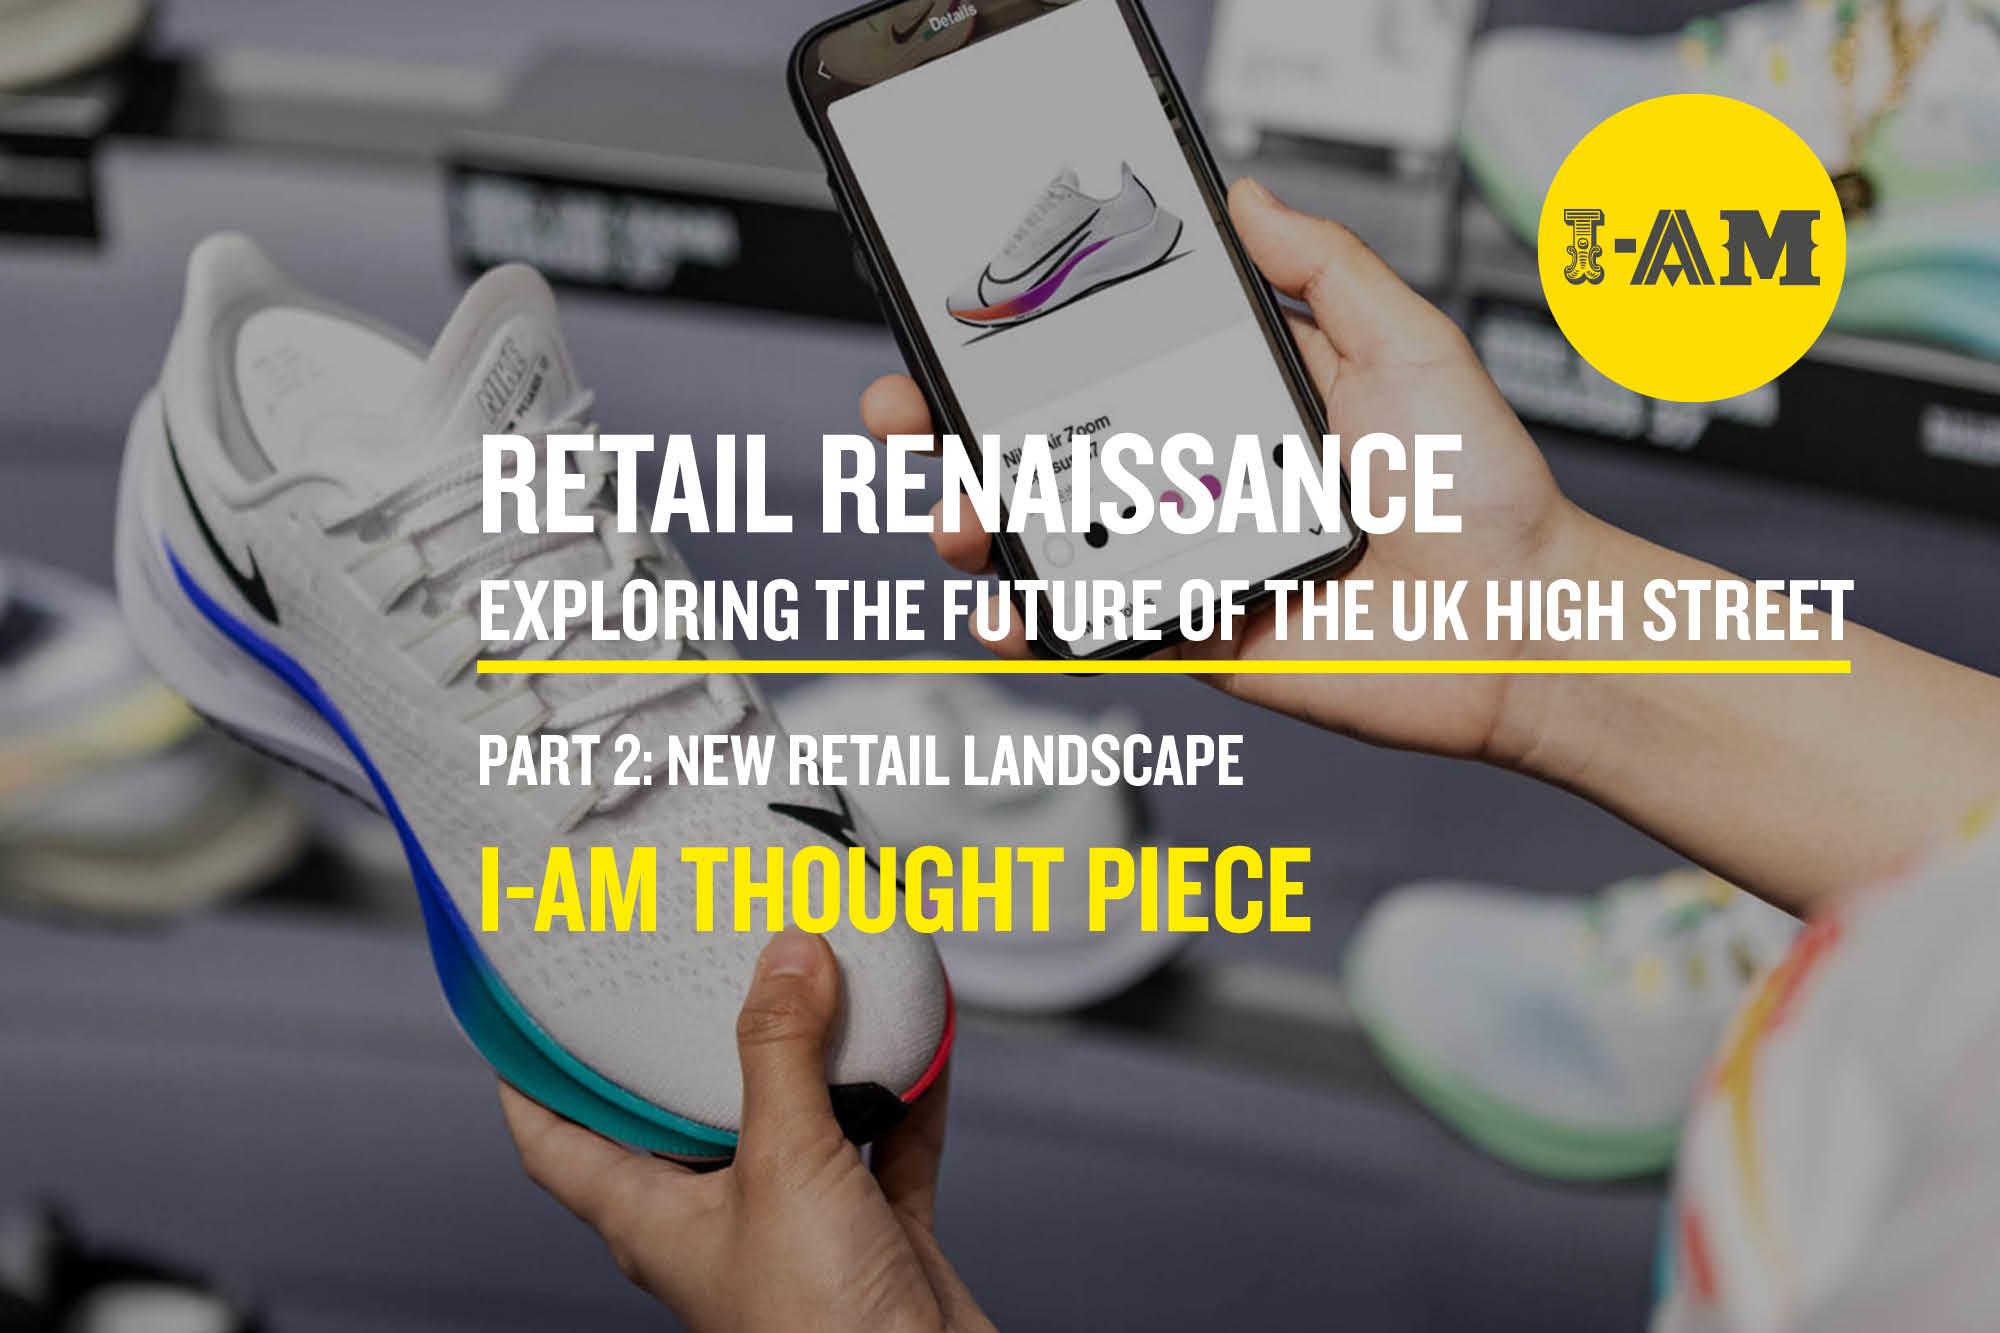 retail renaissance_FEATURED IMAGE PART 2